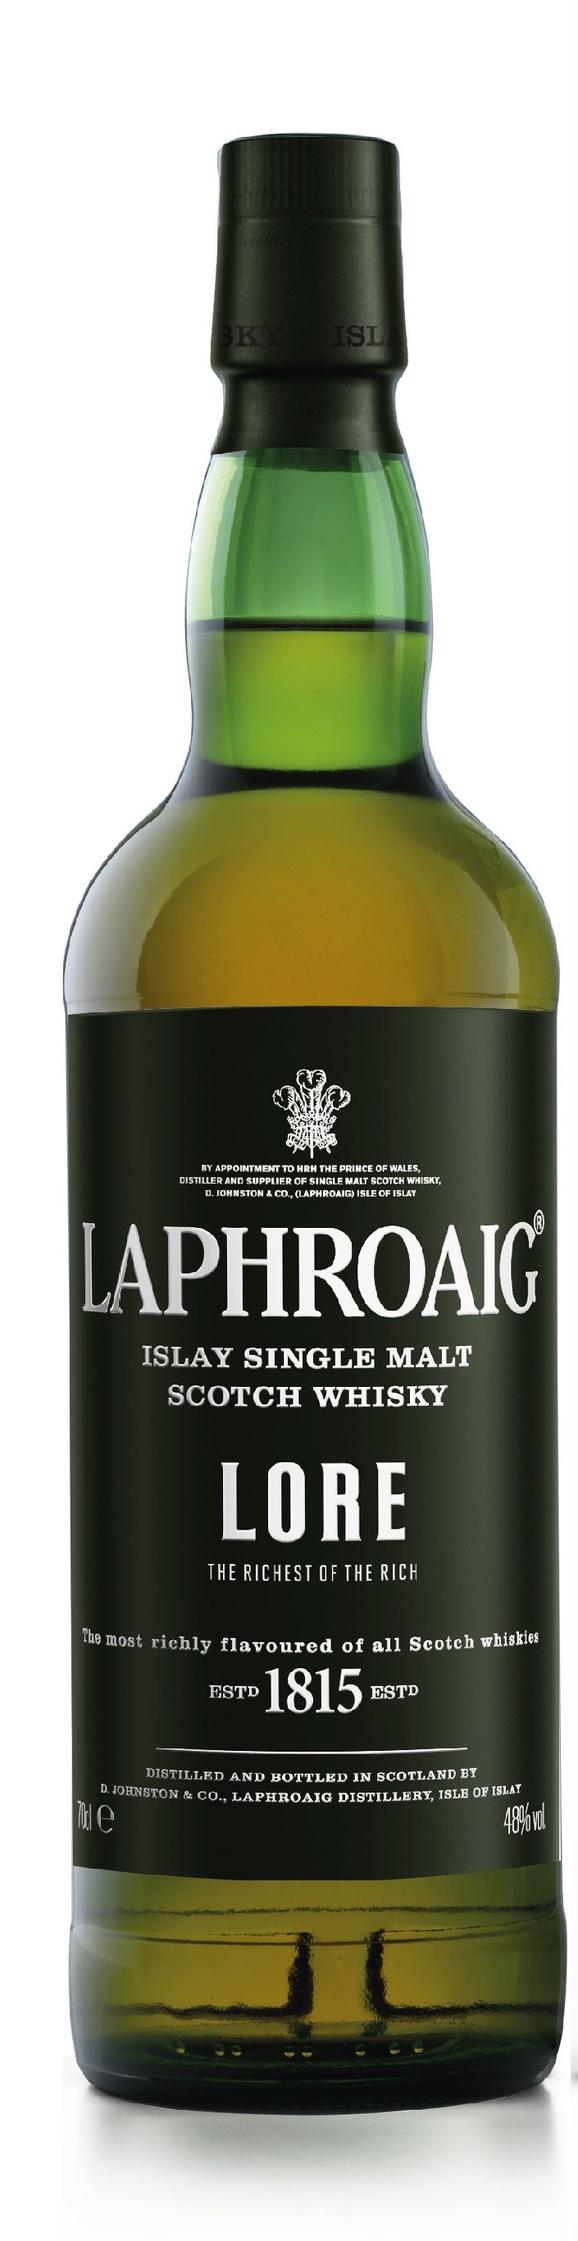 Laphroaig.png